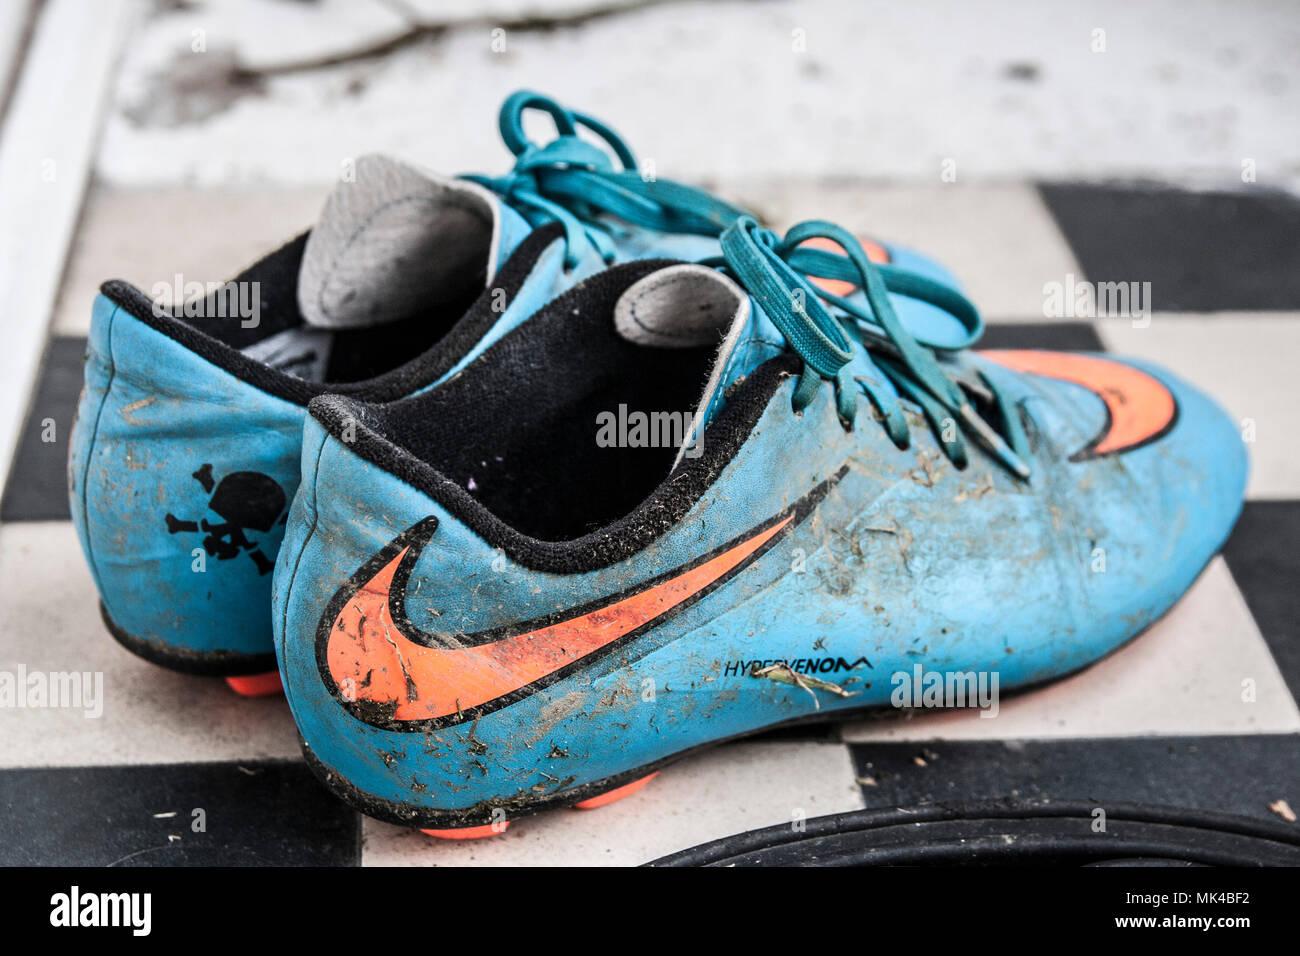 Coppia di ragazzi, bambini scarpe da calcio, muck, mucky